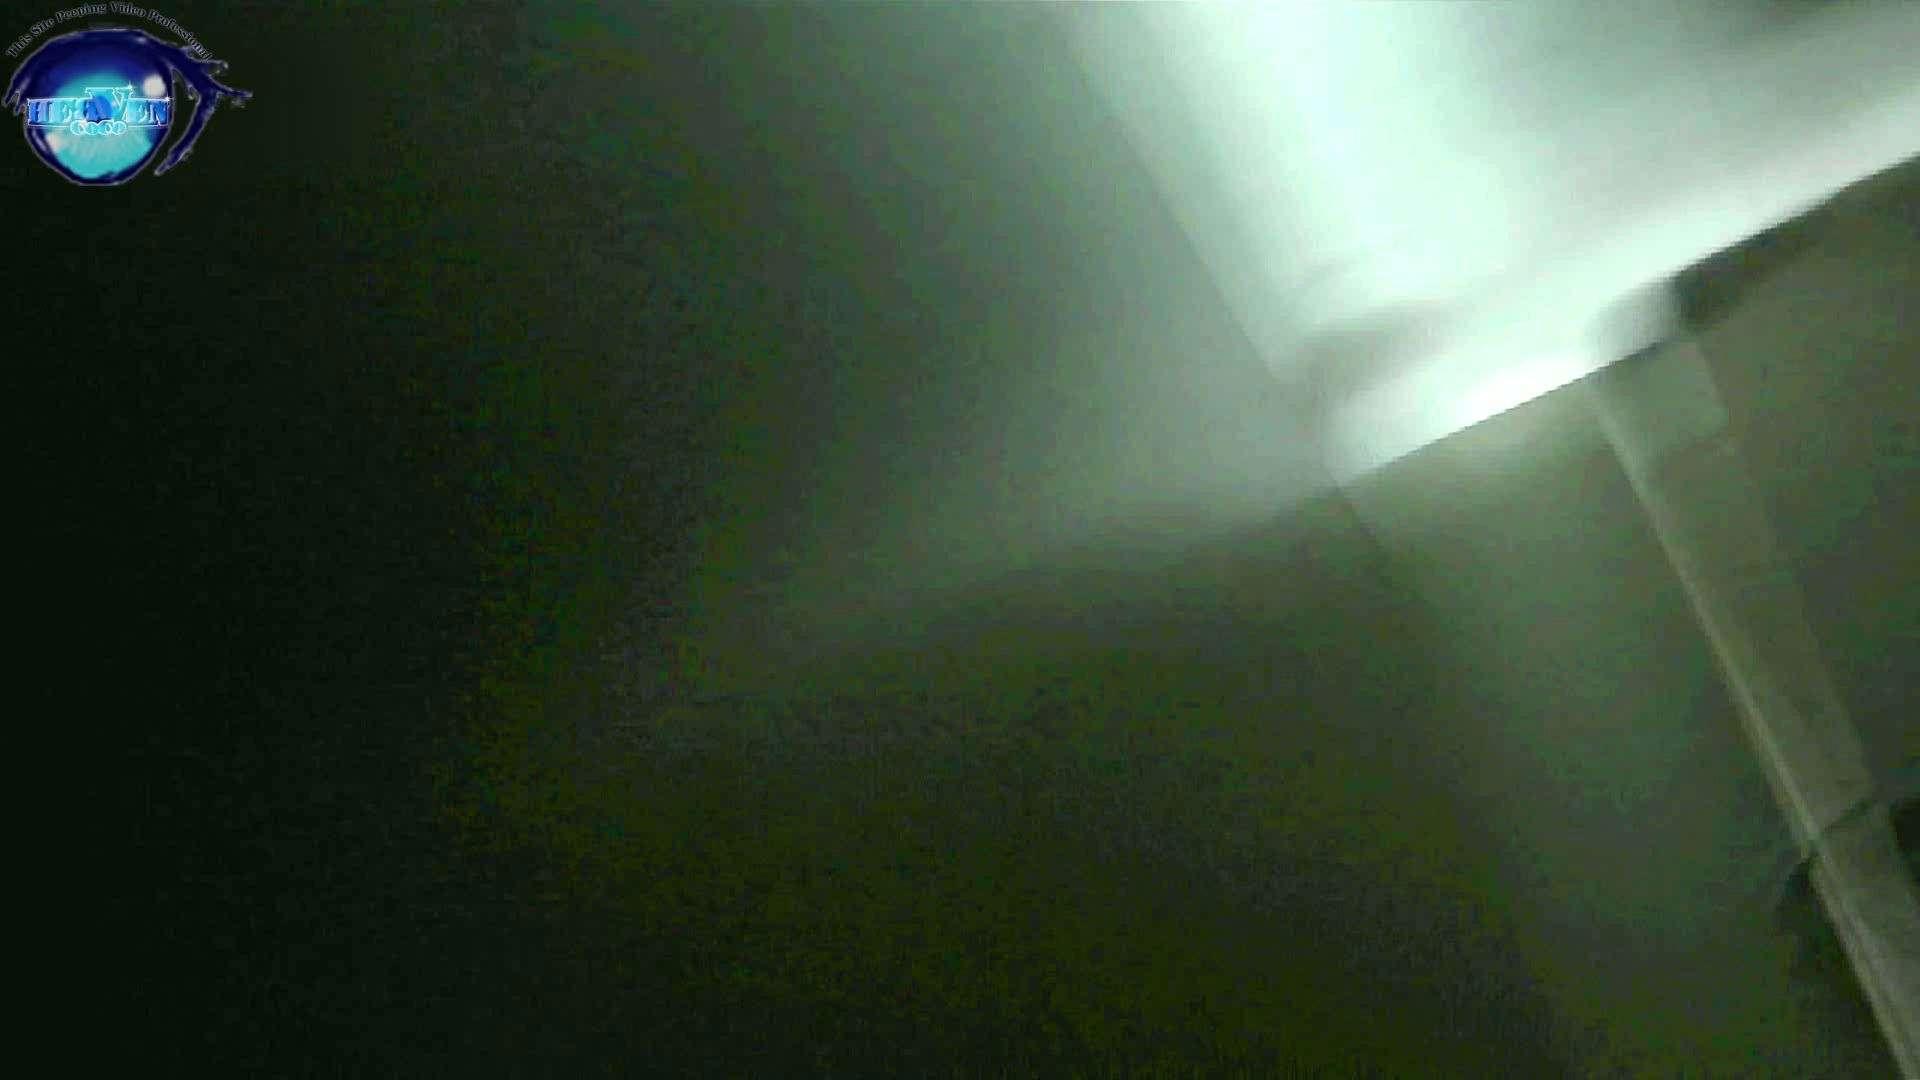 世界の射窓から vol.29 後編 HなOL AV無料 111pic 46